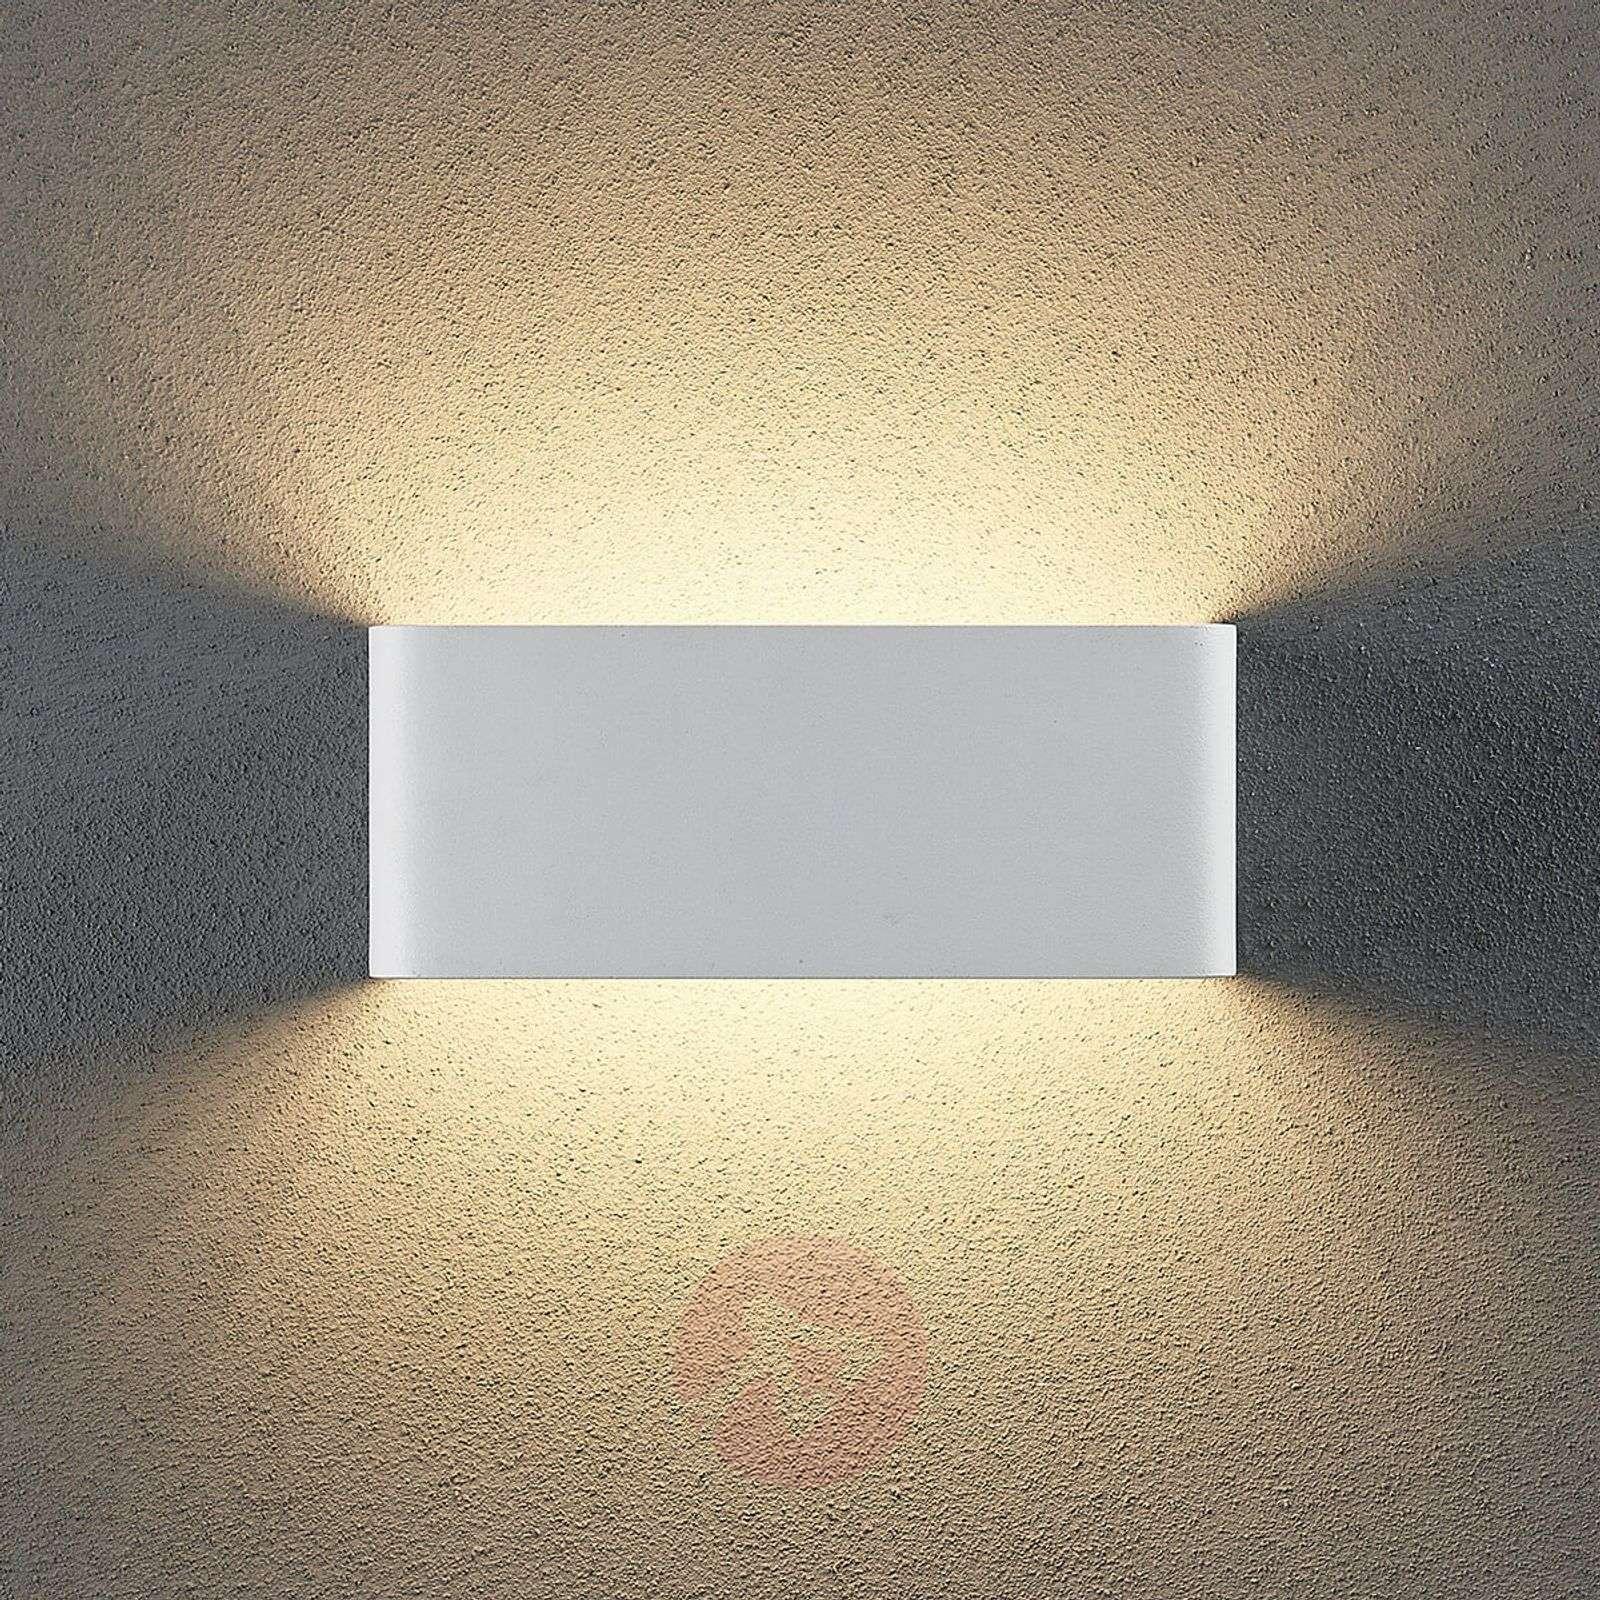 Puristinen Lonisa LED-seinävalaisin-9621156-02